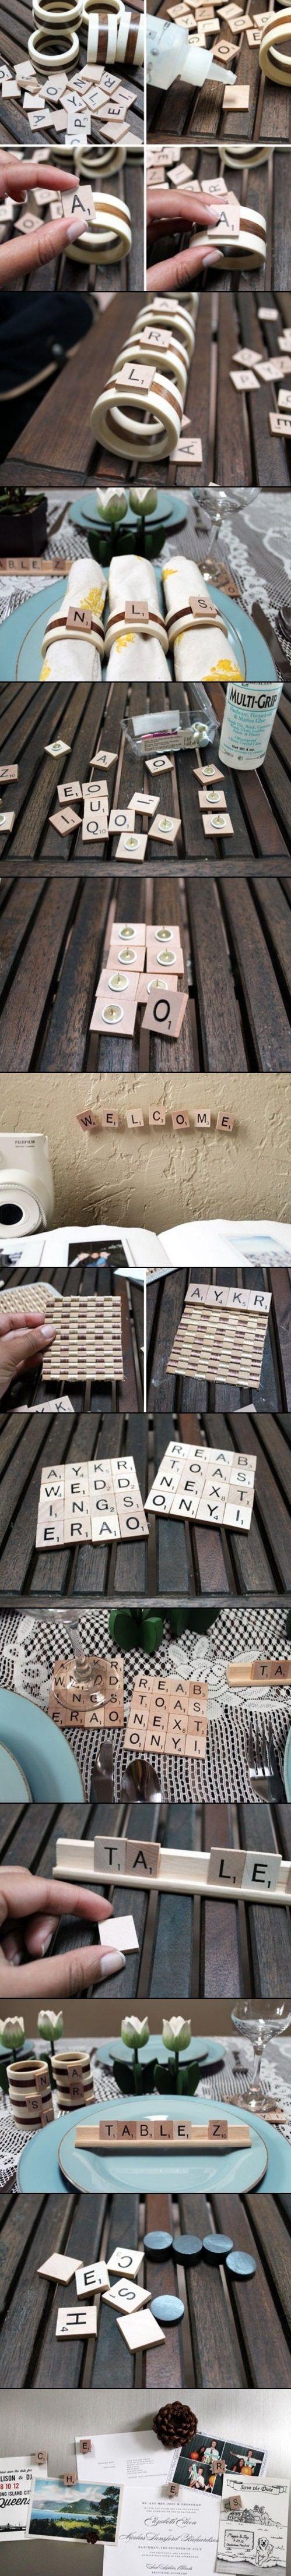 DIY Crafts Of Scrabble